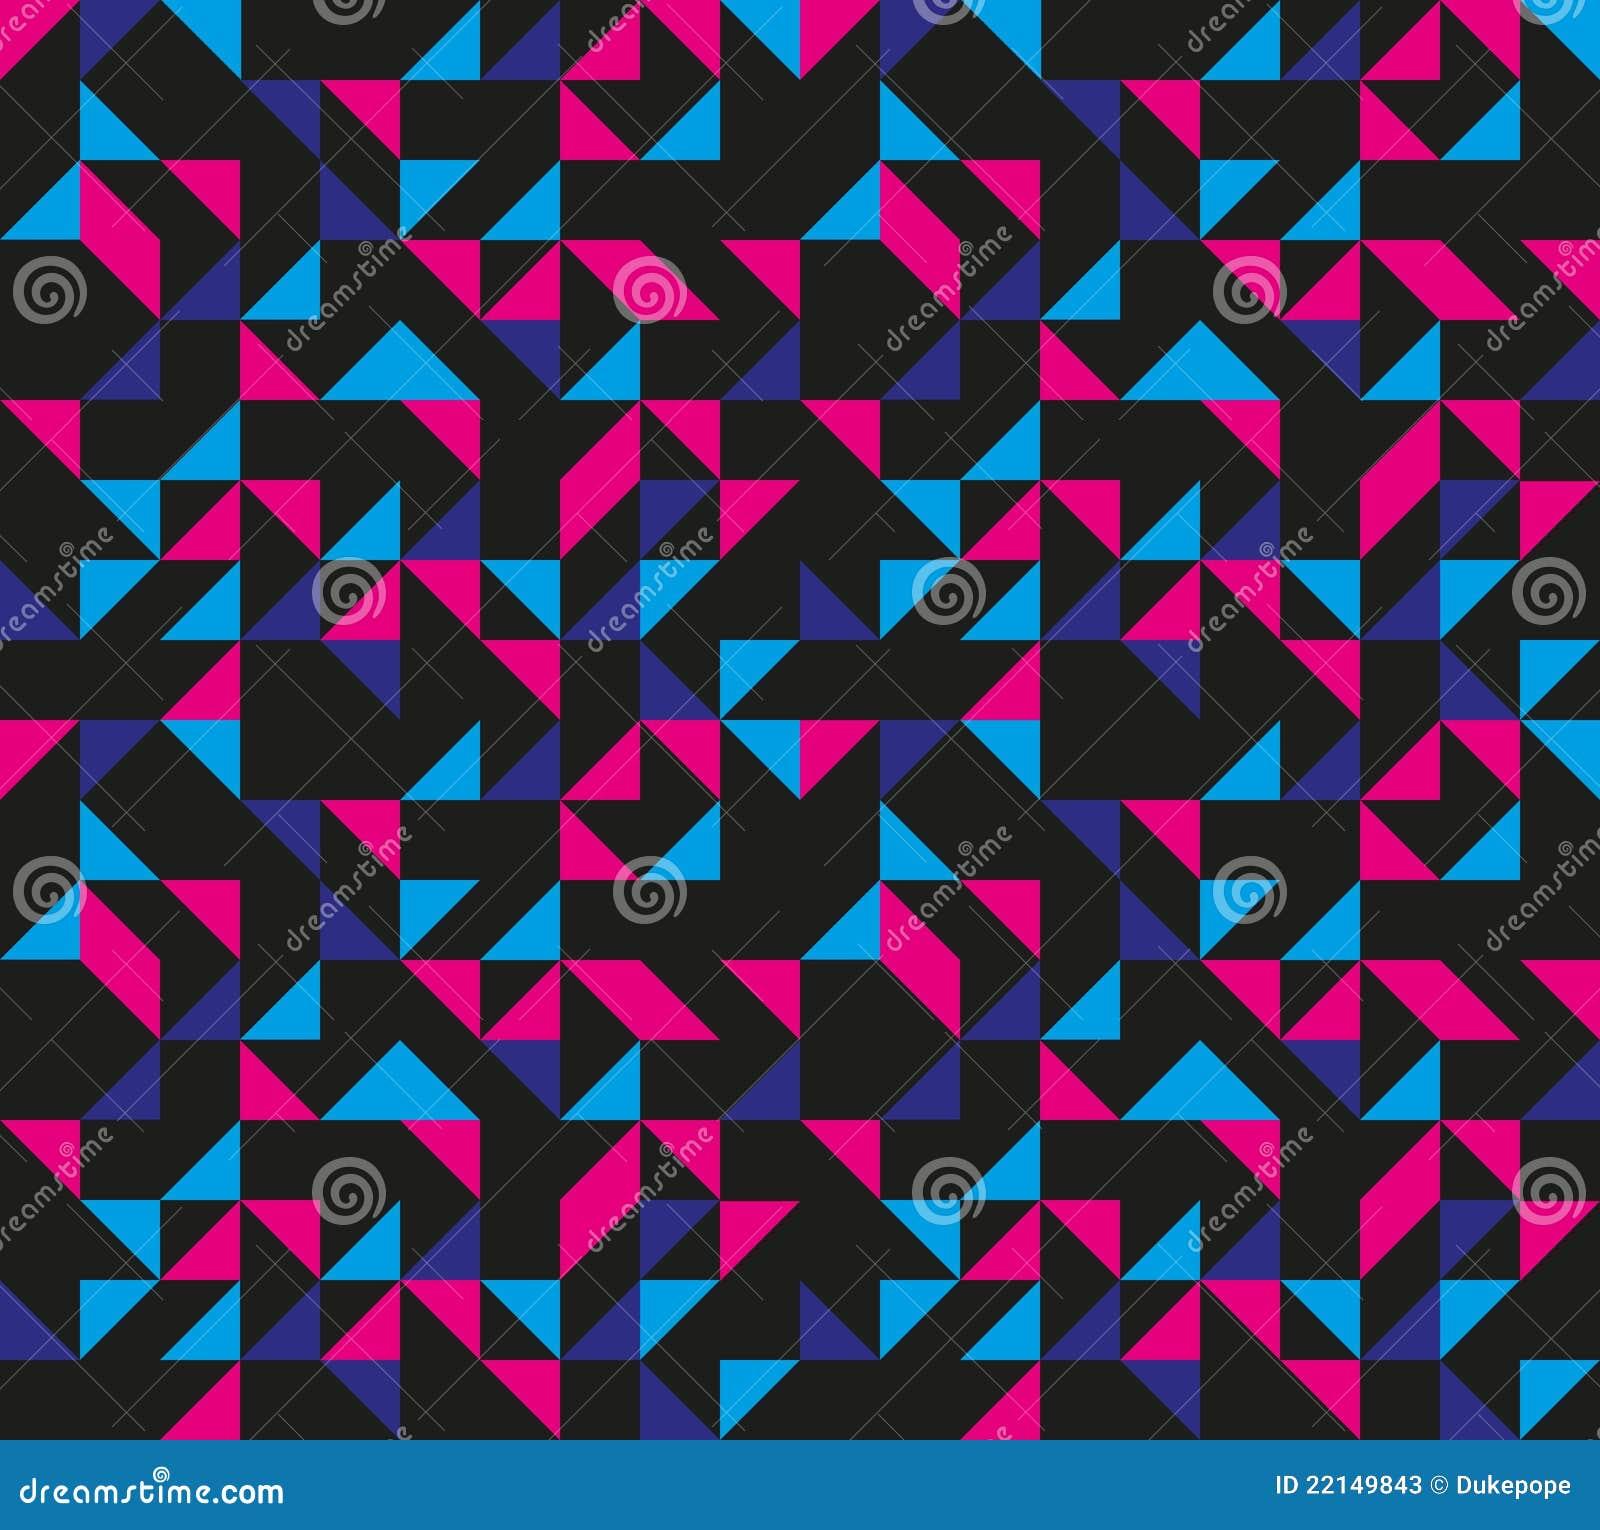 seamless retro geometric pattern stock photos image